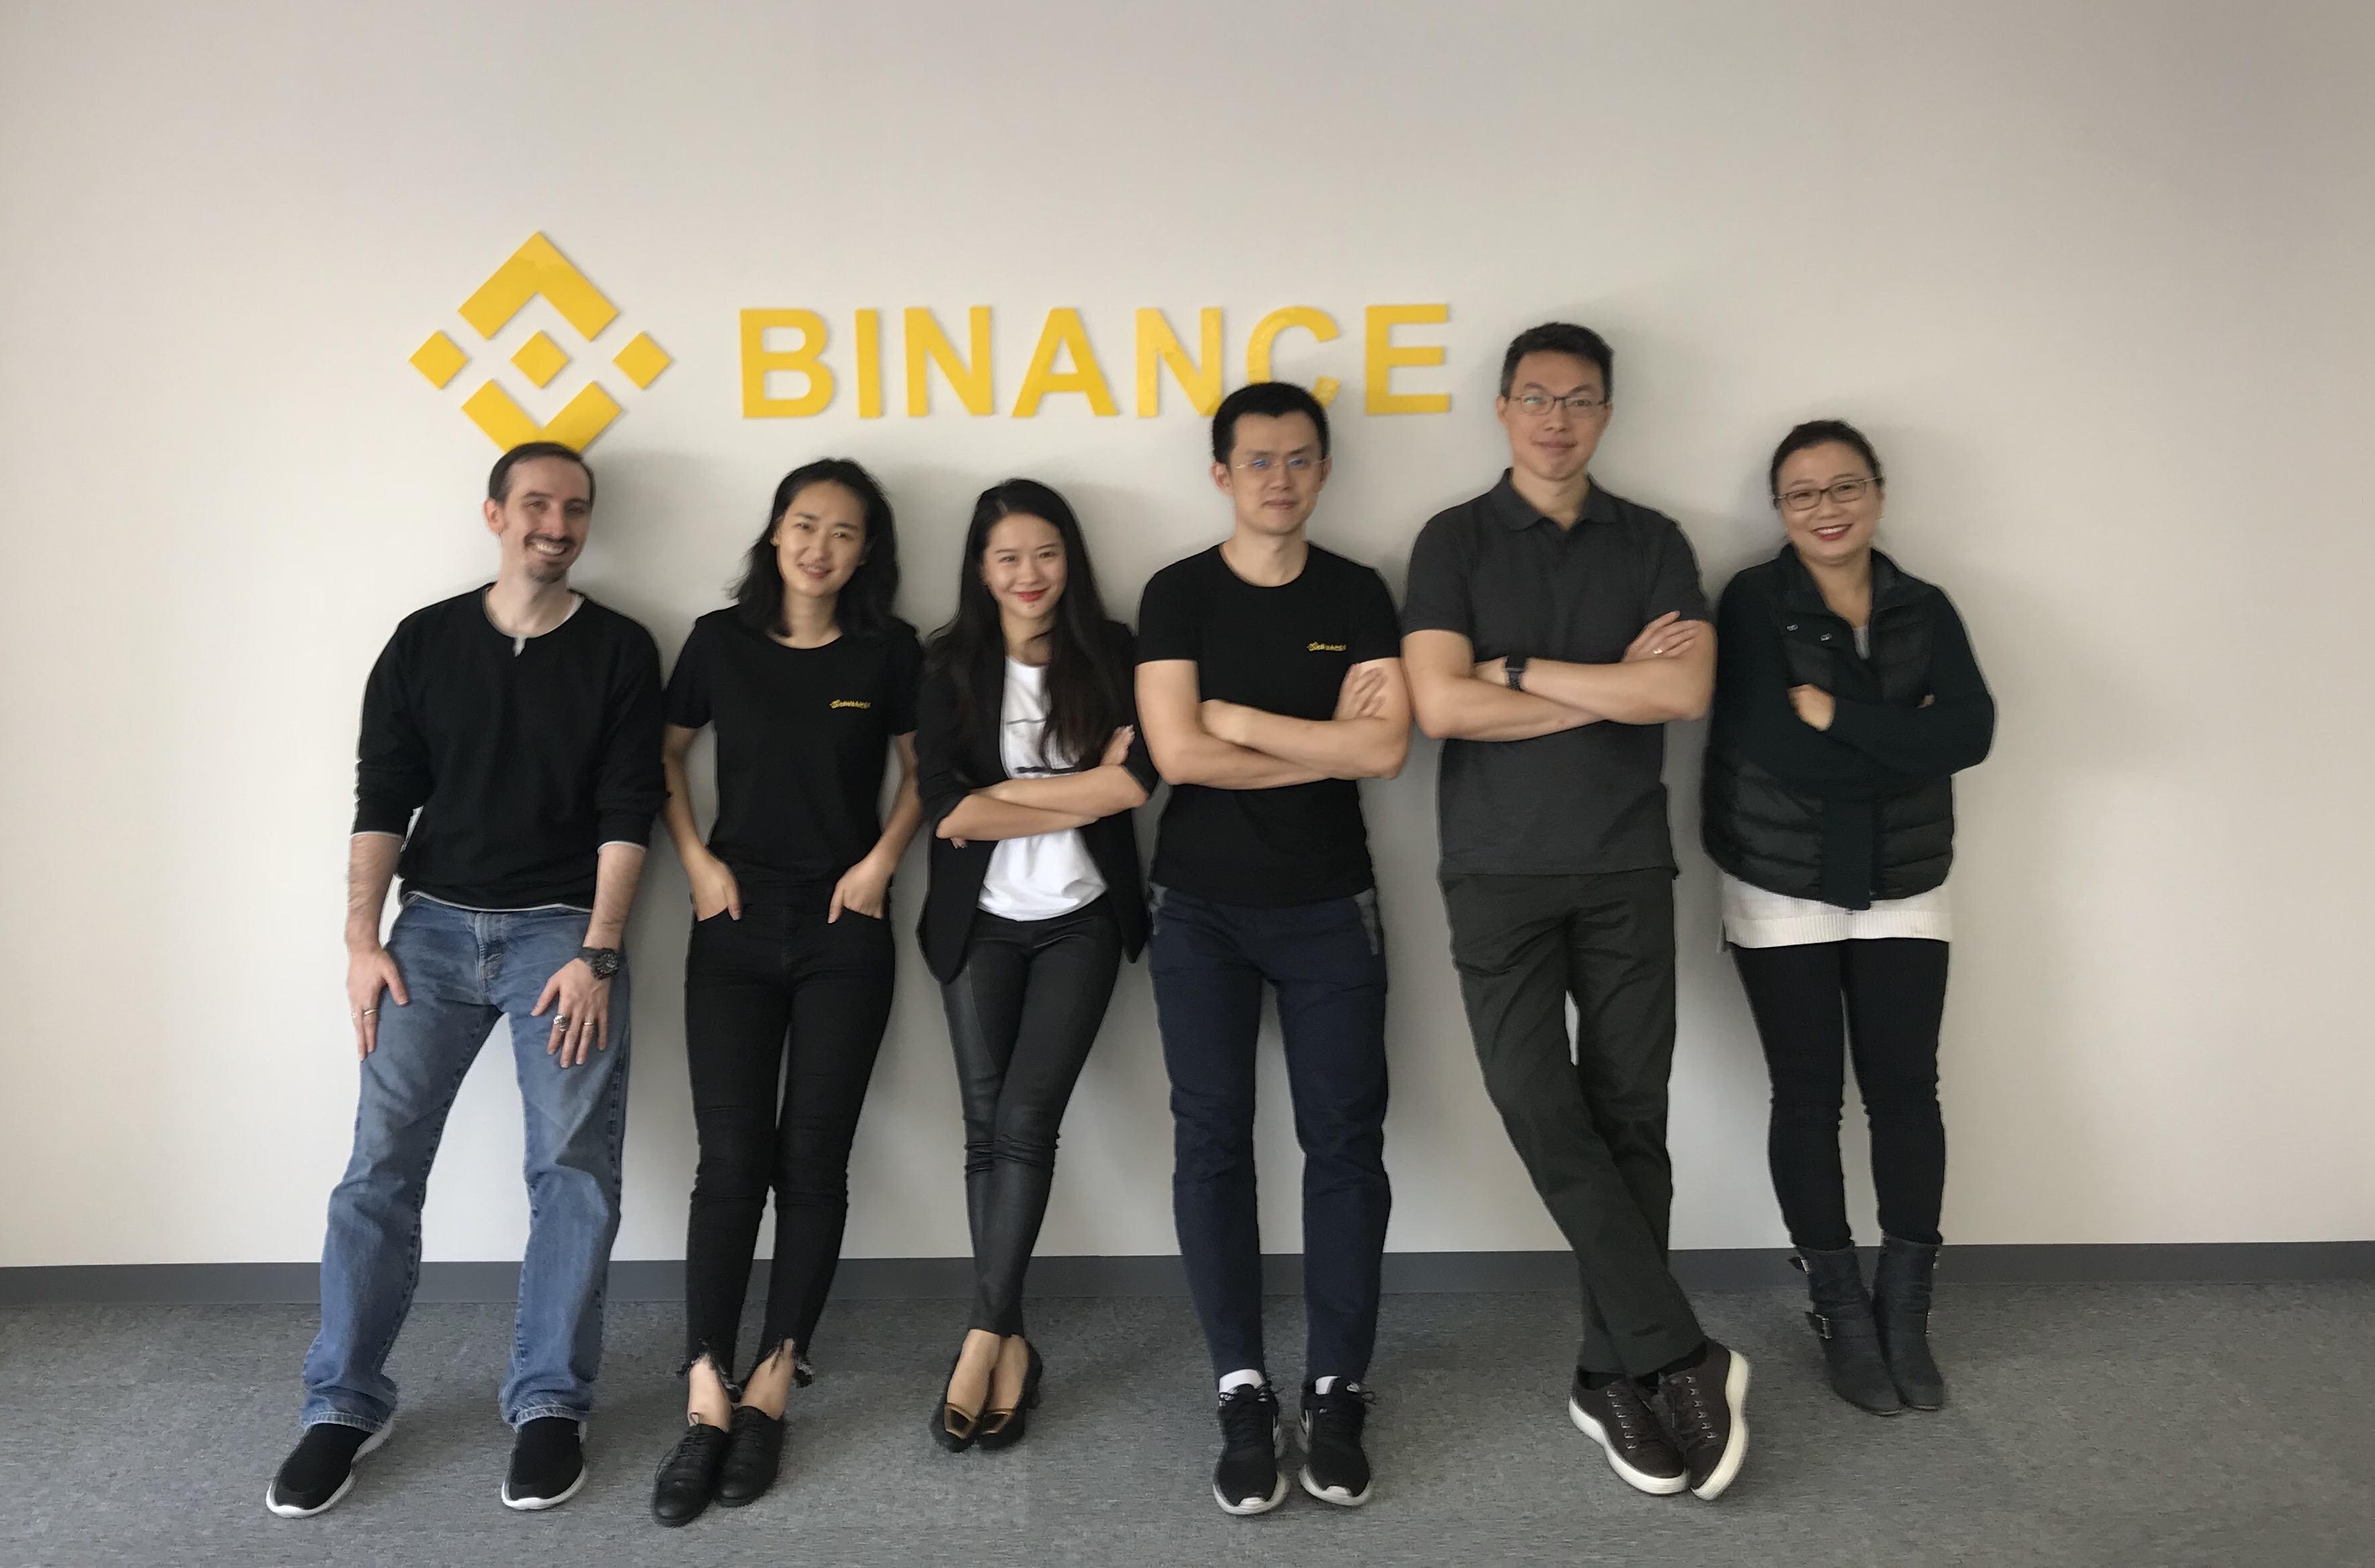 команда разработчиков бинанс